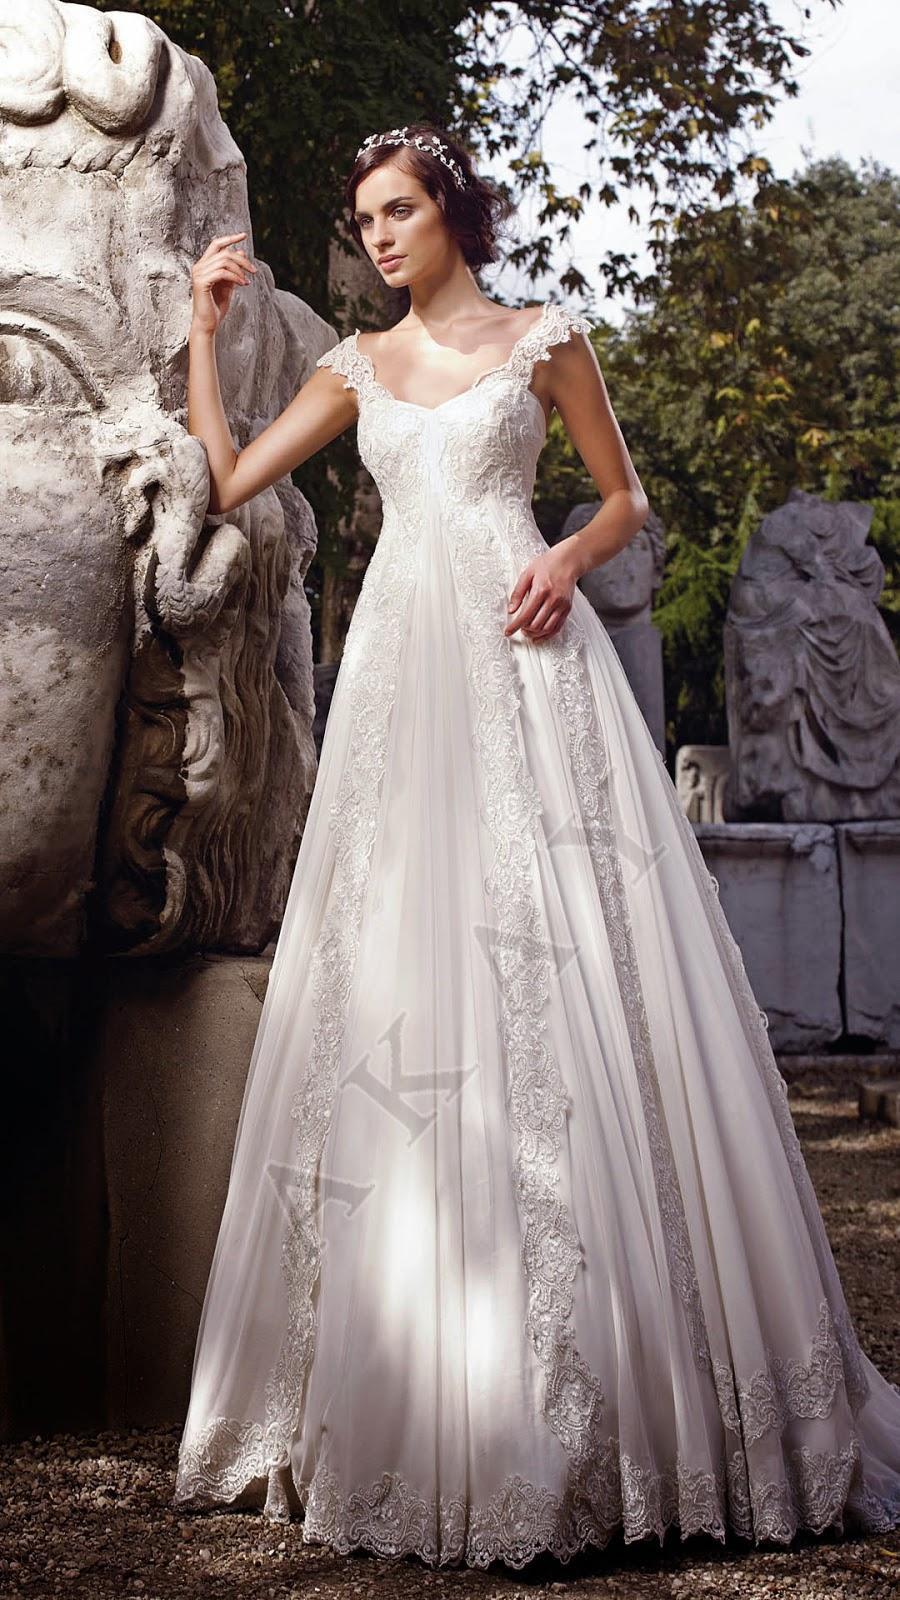 babd430f6 فساتين زفاف تركية من تصميم شركة أكاى العالمية - فساتين زفاف, خطوبة ...